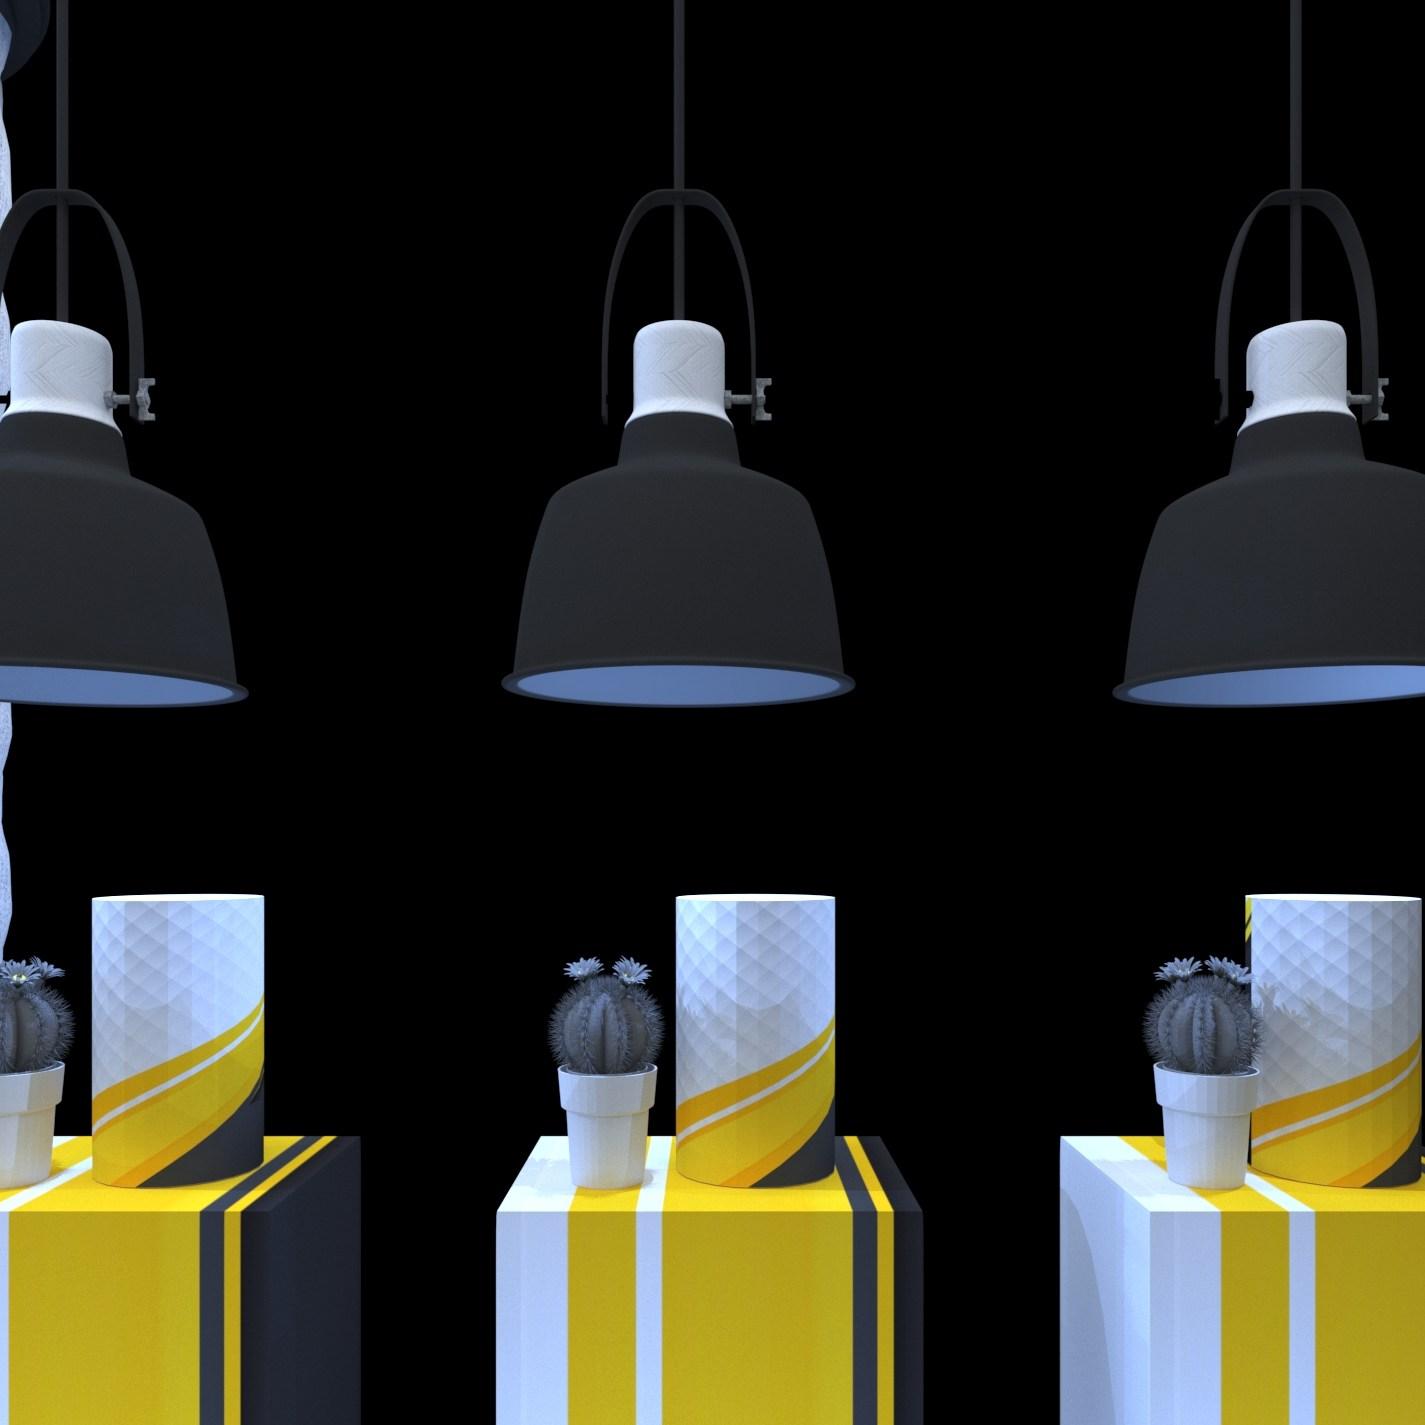 diseño de farmacias en 3d